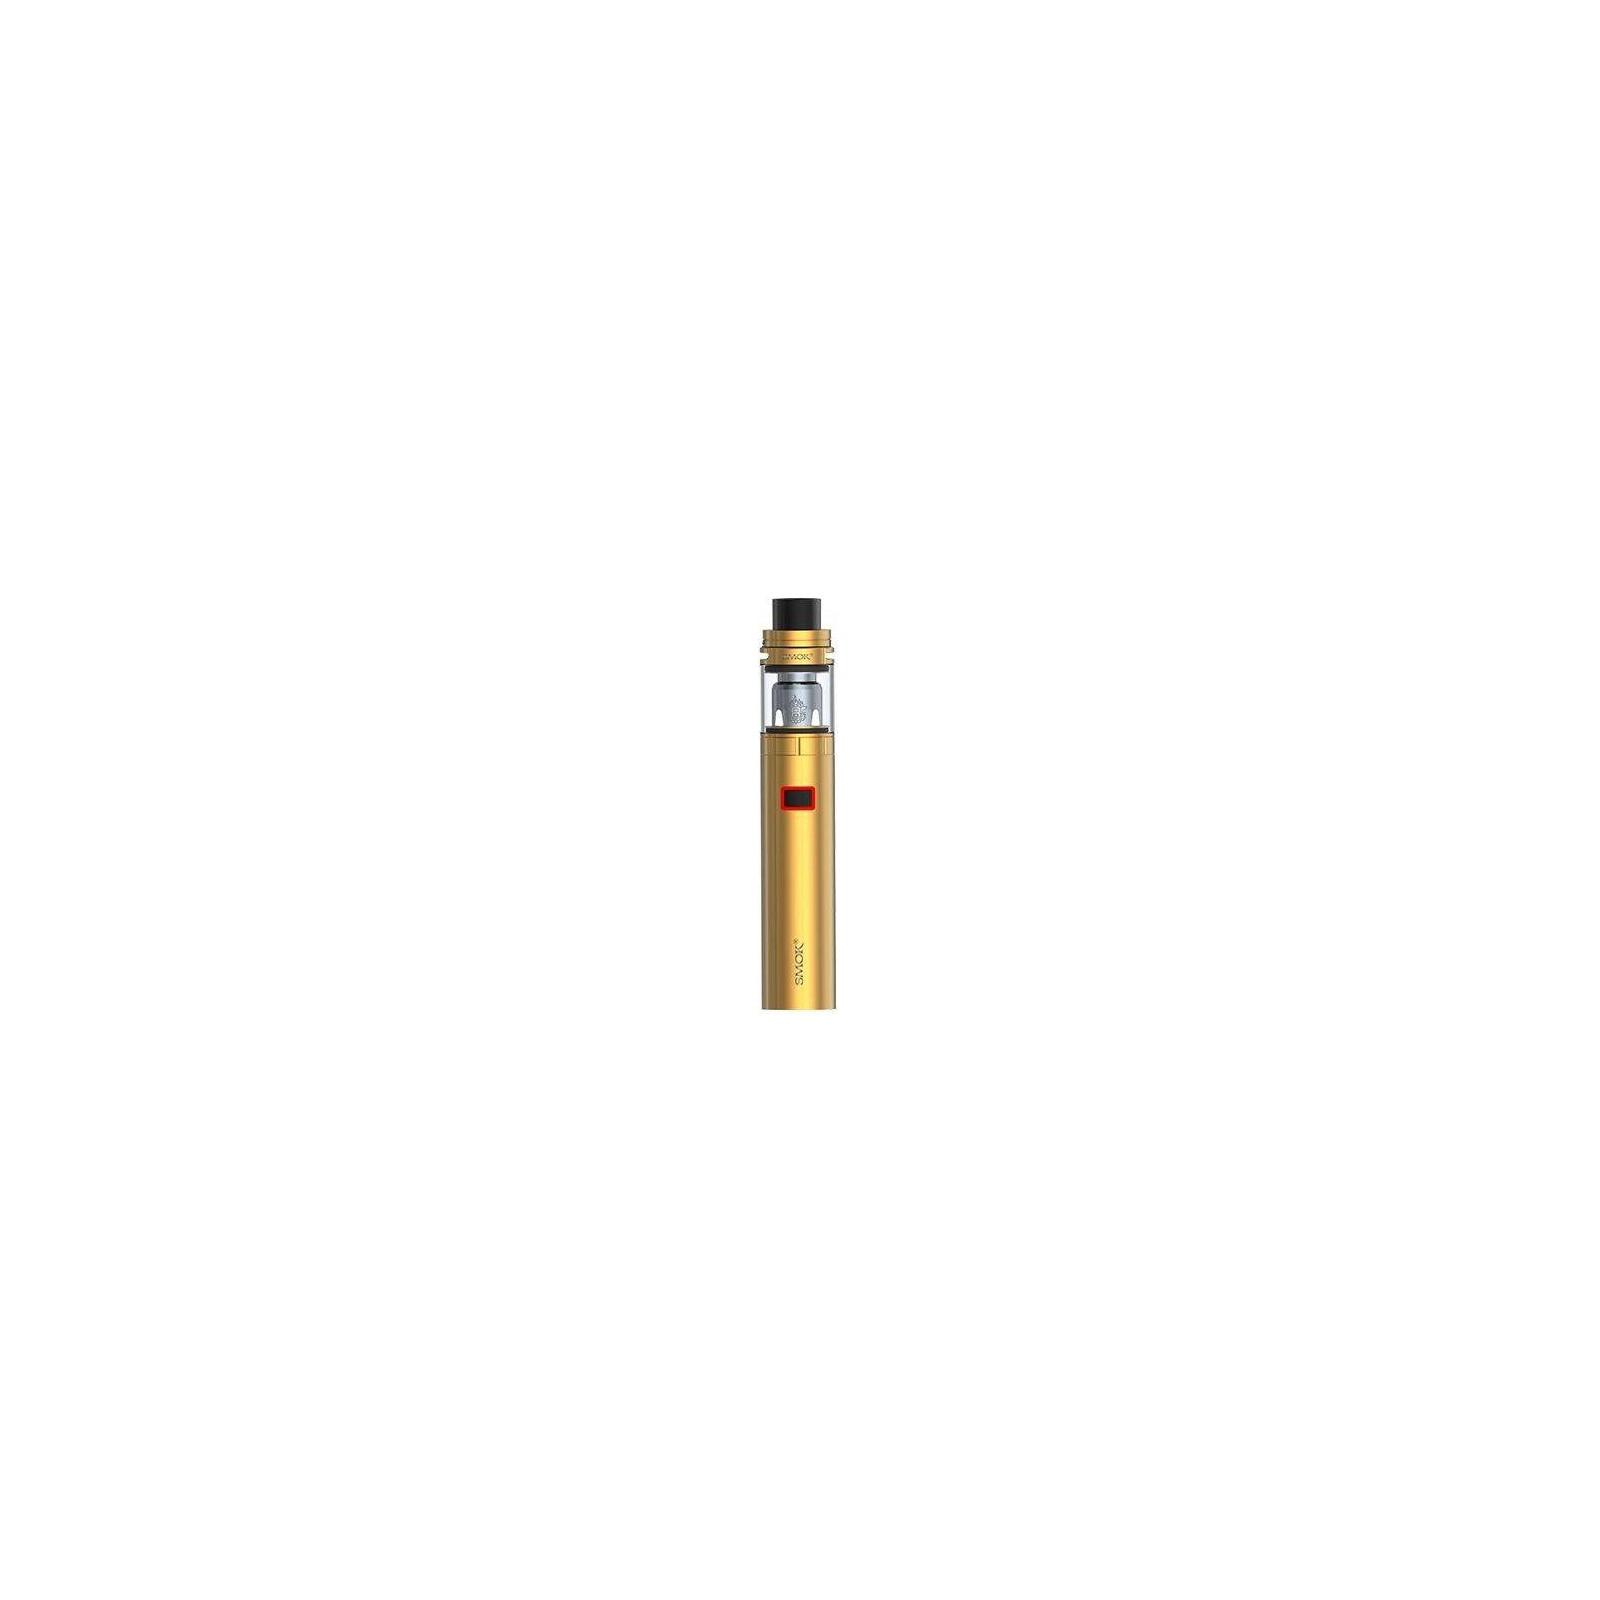 Stick X8 Smok